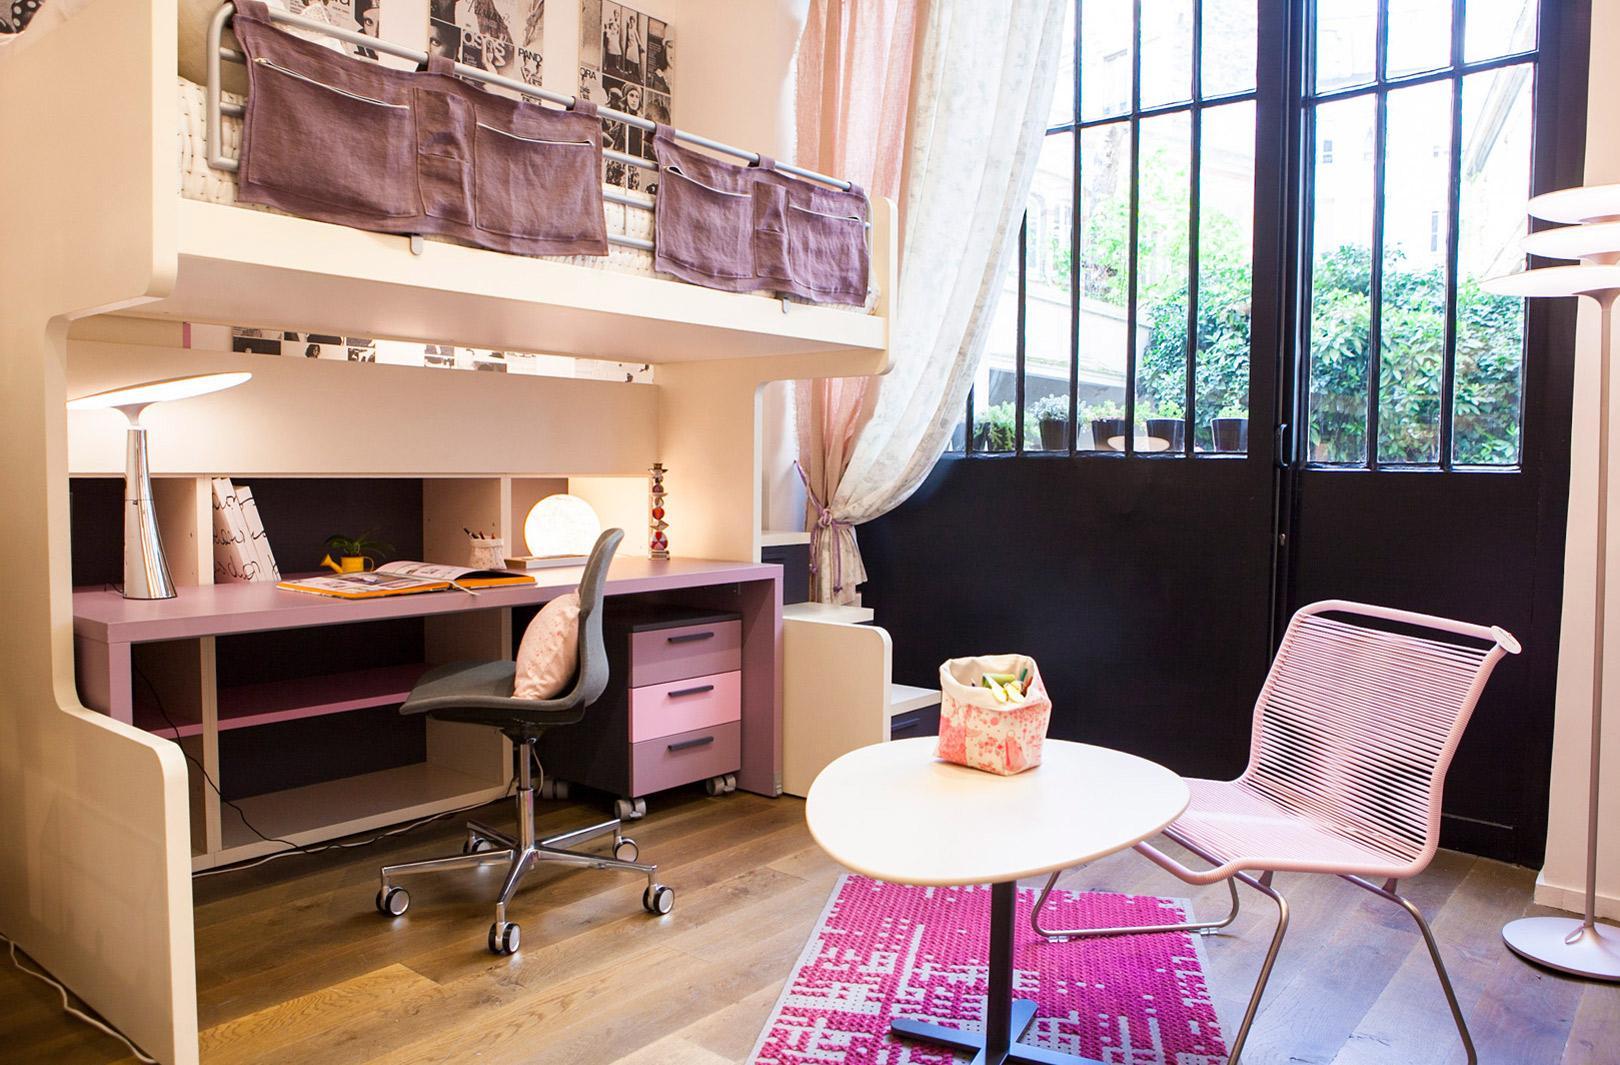 Дизайн комнаты для подростка с кроватью чердаком